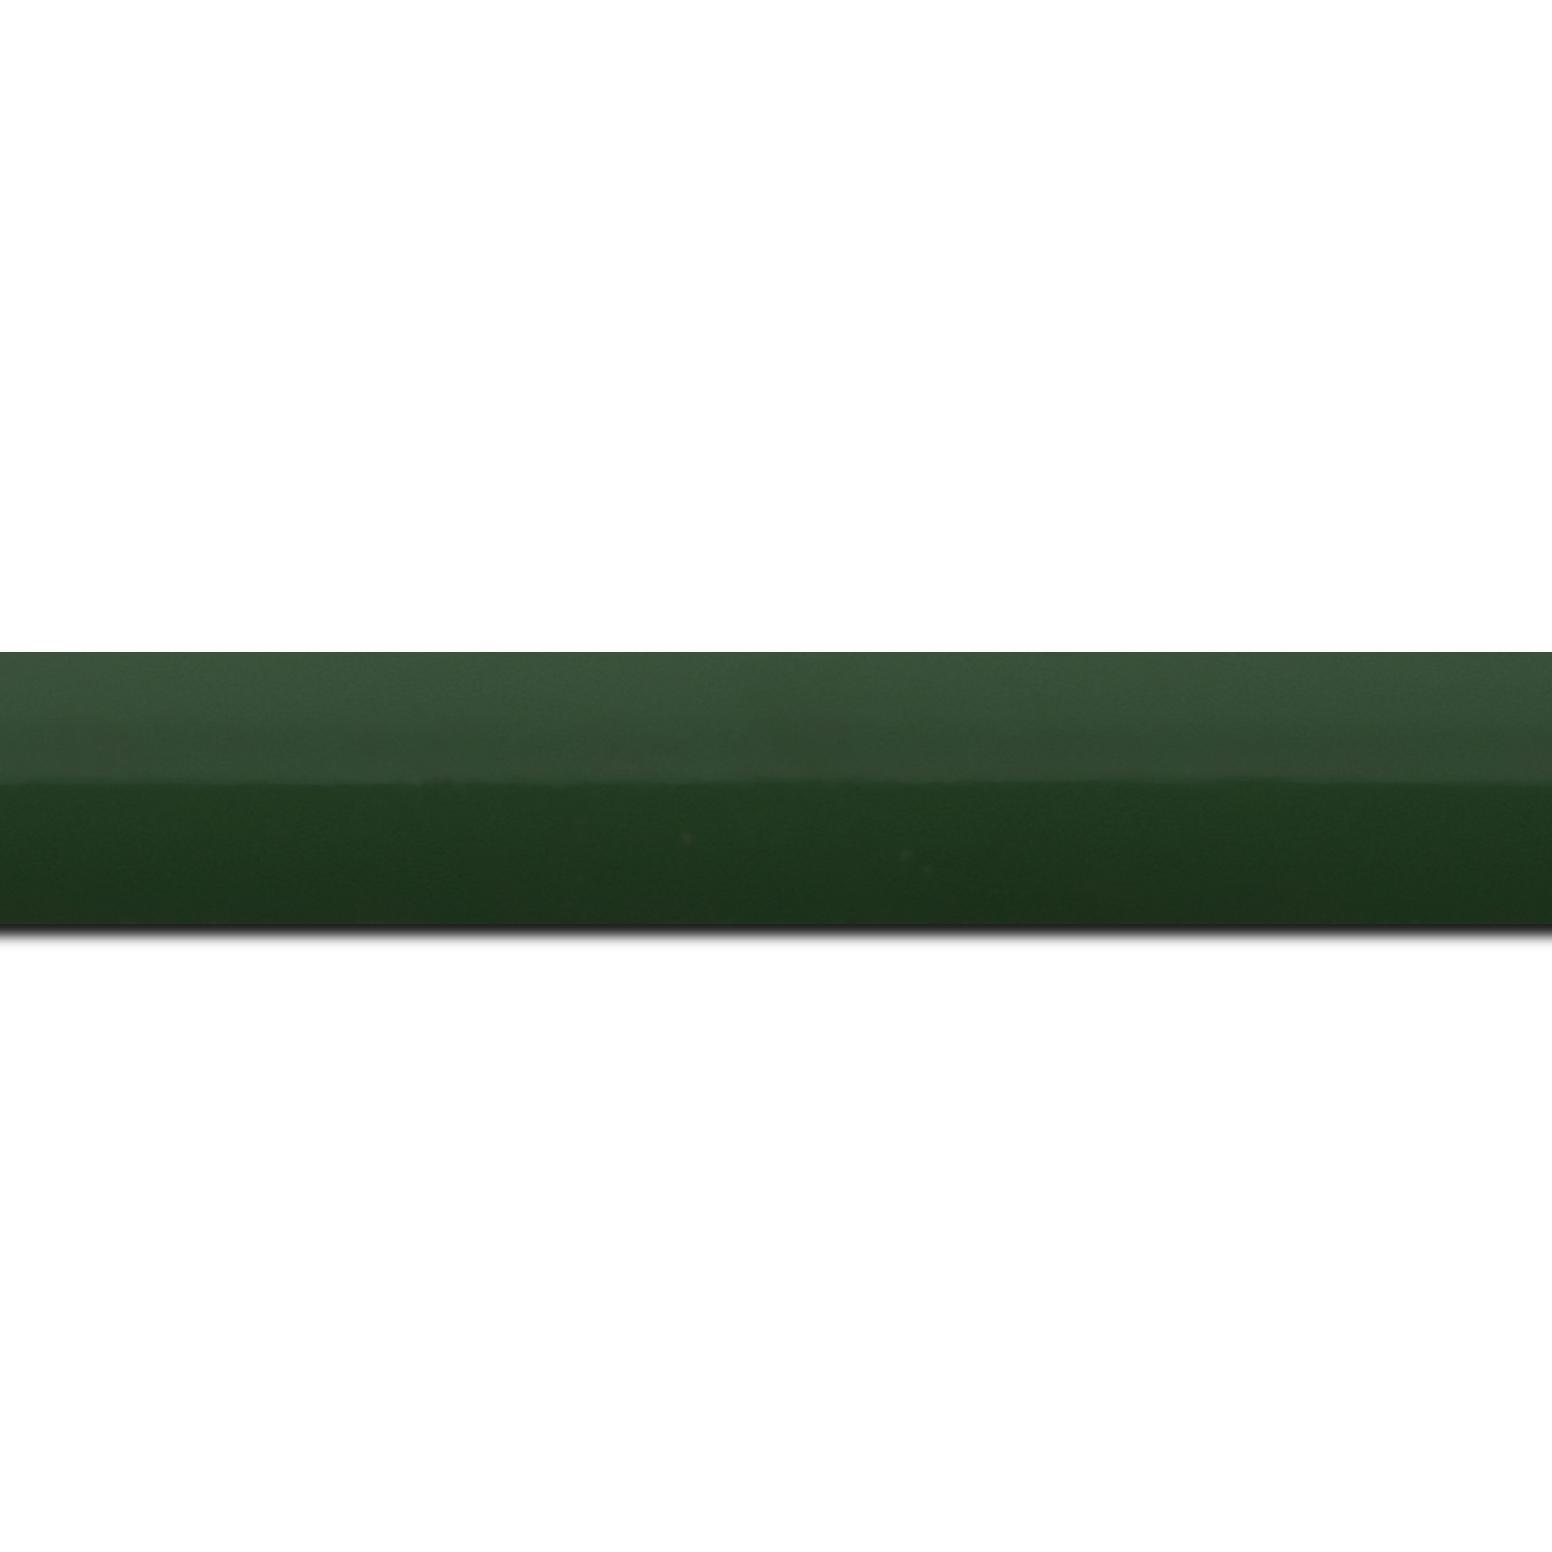 Baguette longueur 1.40m bois profil méplat largeur 2.3cm couleur vert anglais laqué